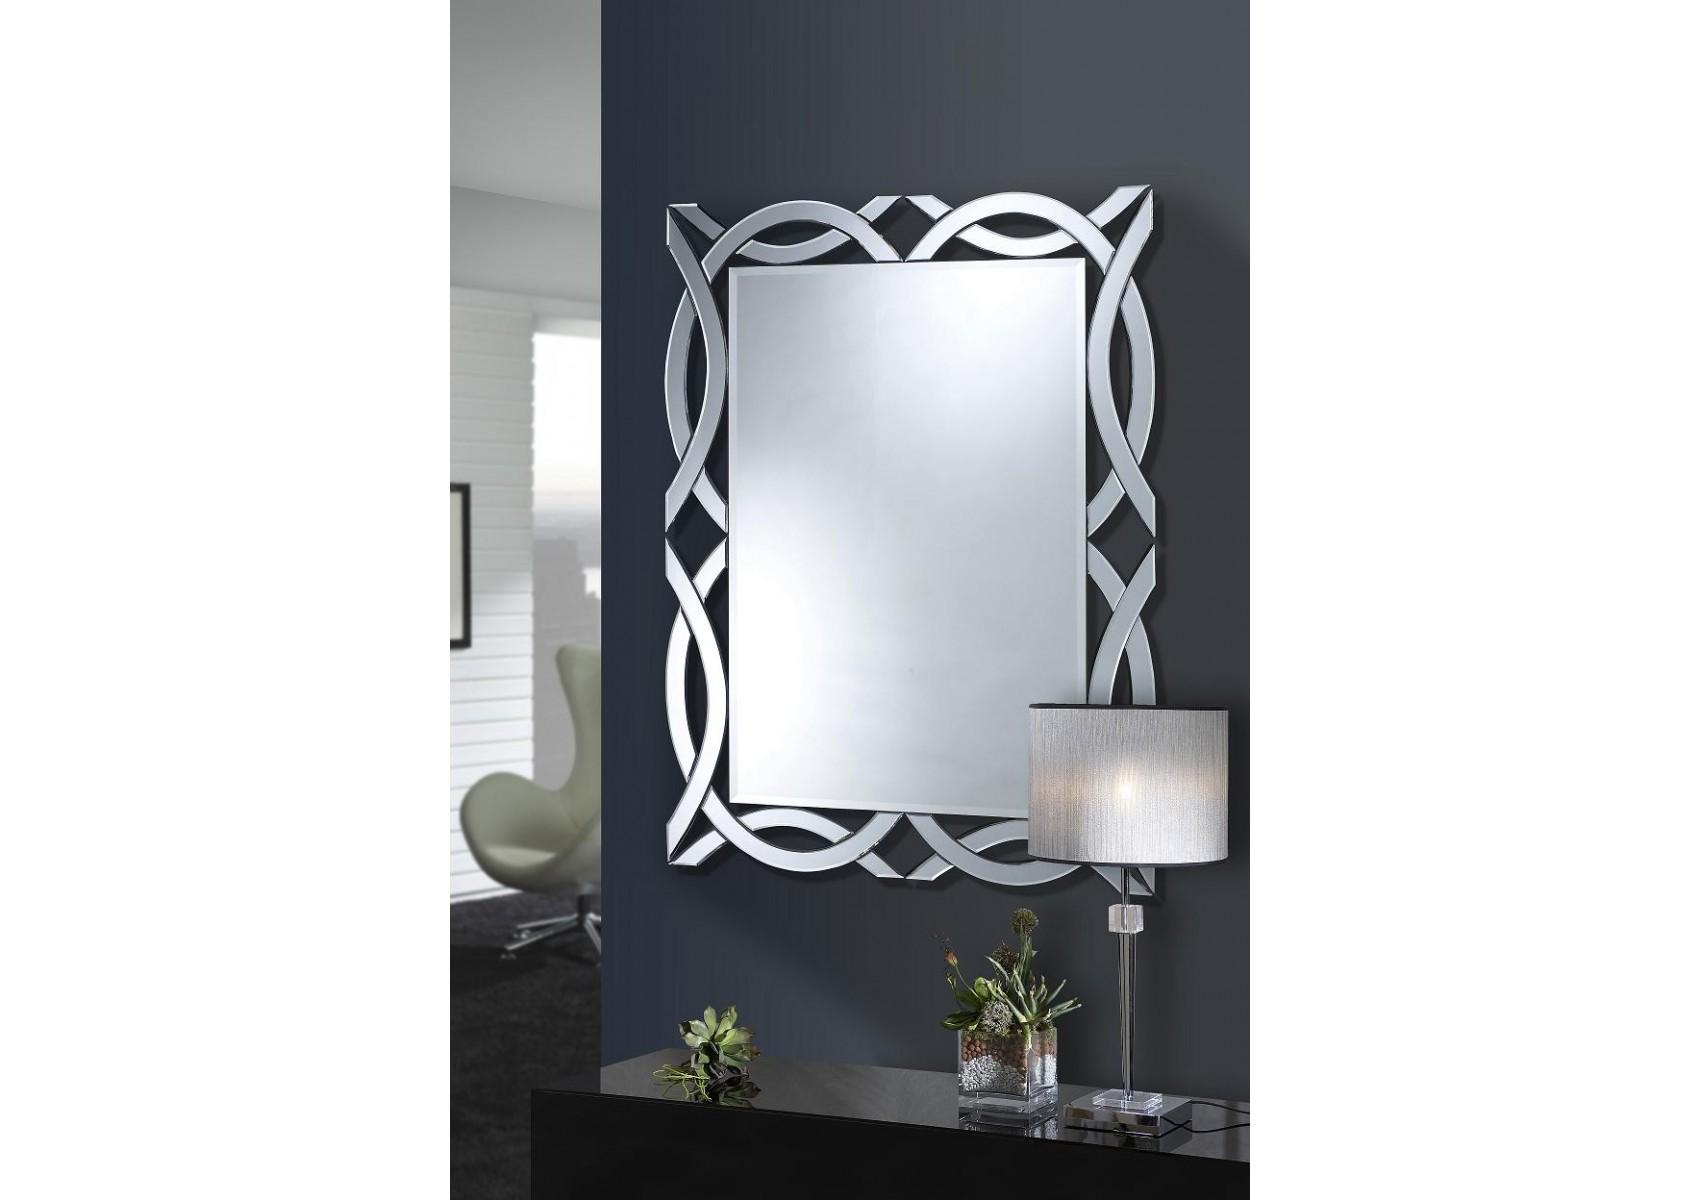 miroir alhambra rectangulaire design deco schuler Résultat Supérieur 16 Nouveau Miroir Design Rectangulaire Image 2017 Ojr7